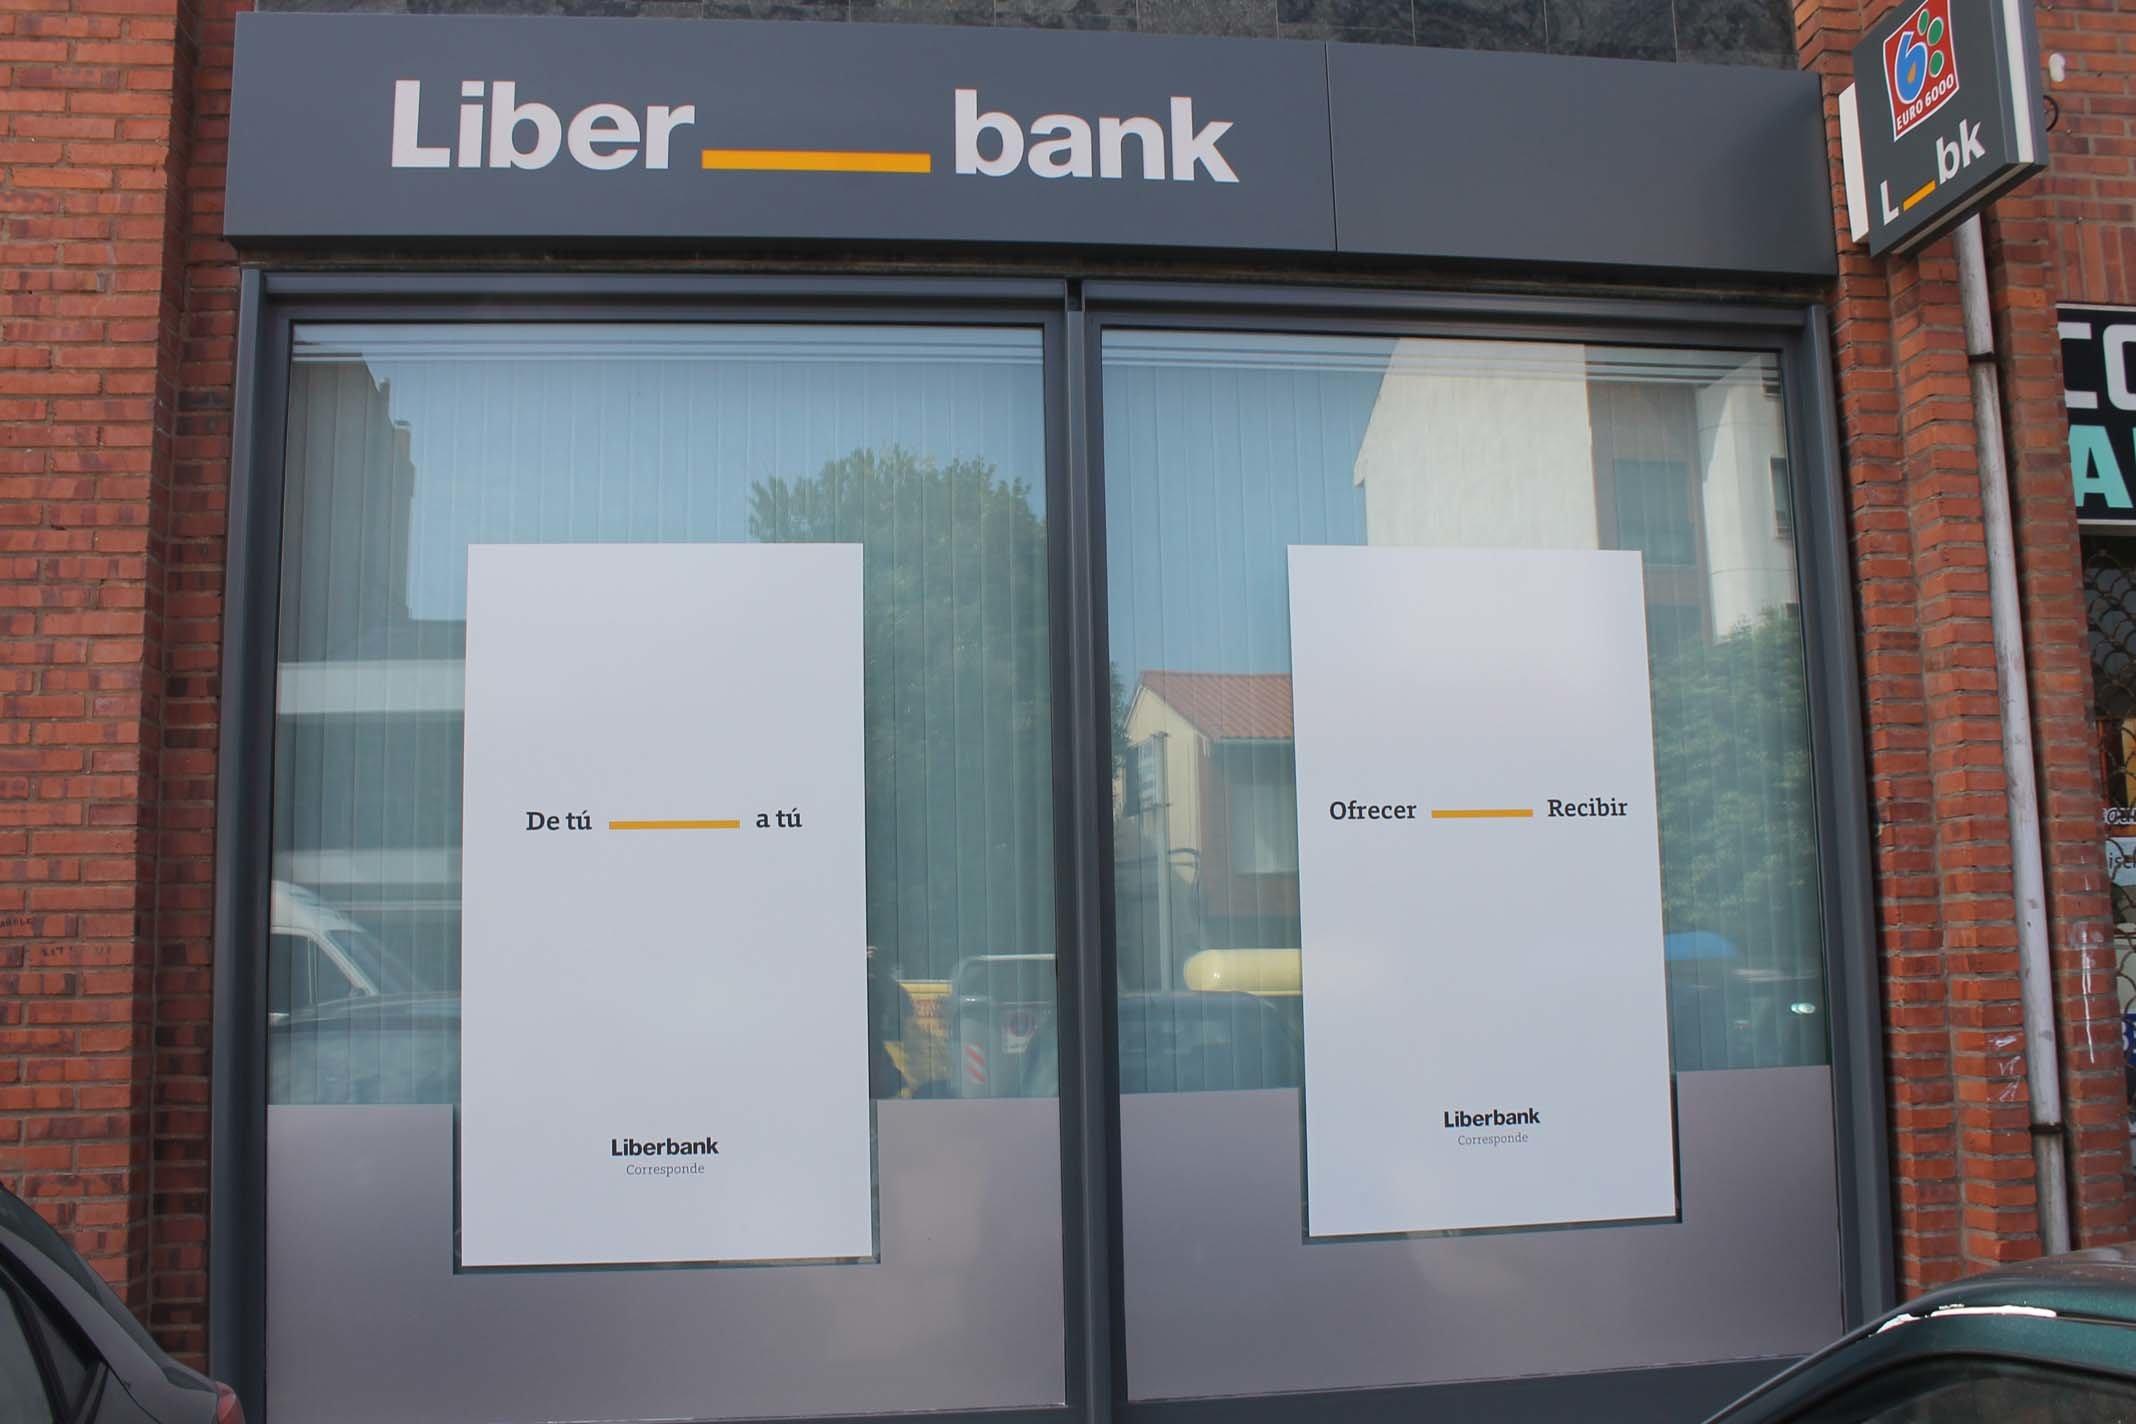 Oficina de Liberbank. La Junta de Accionistas reeligirá a Manuel Menéndez como Presidente.